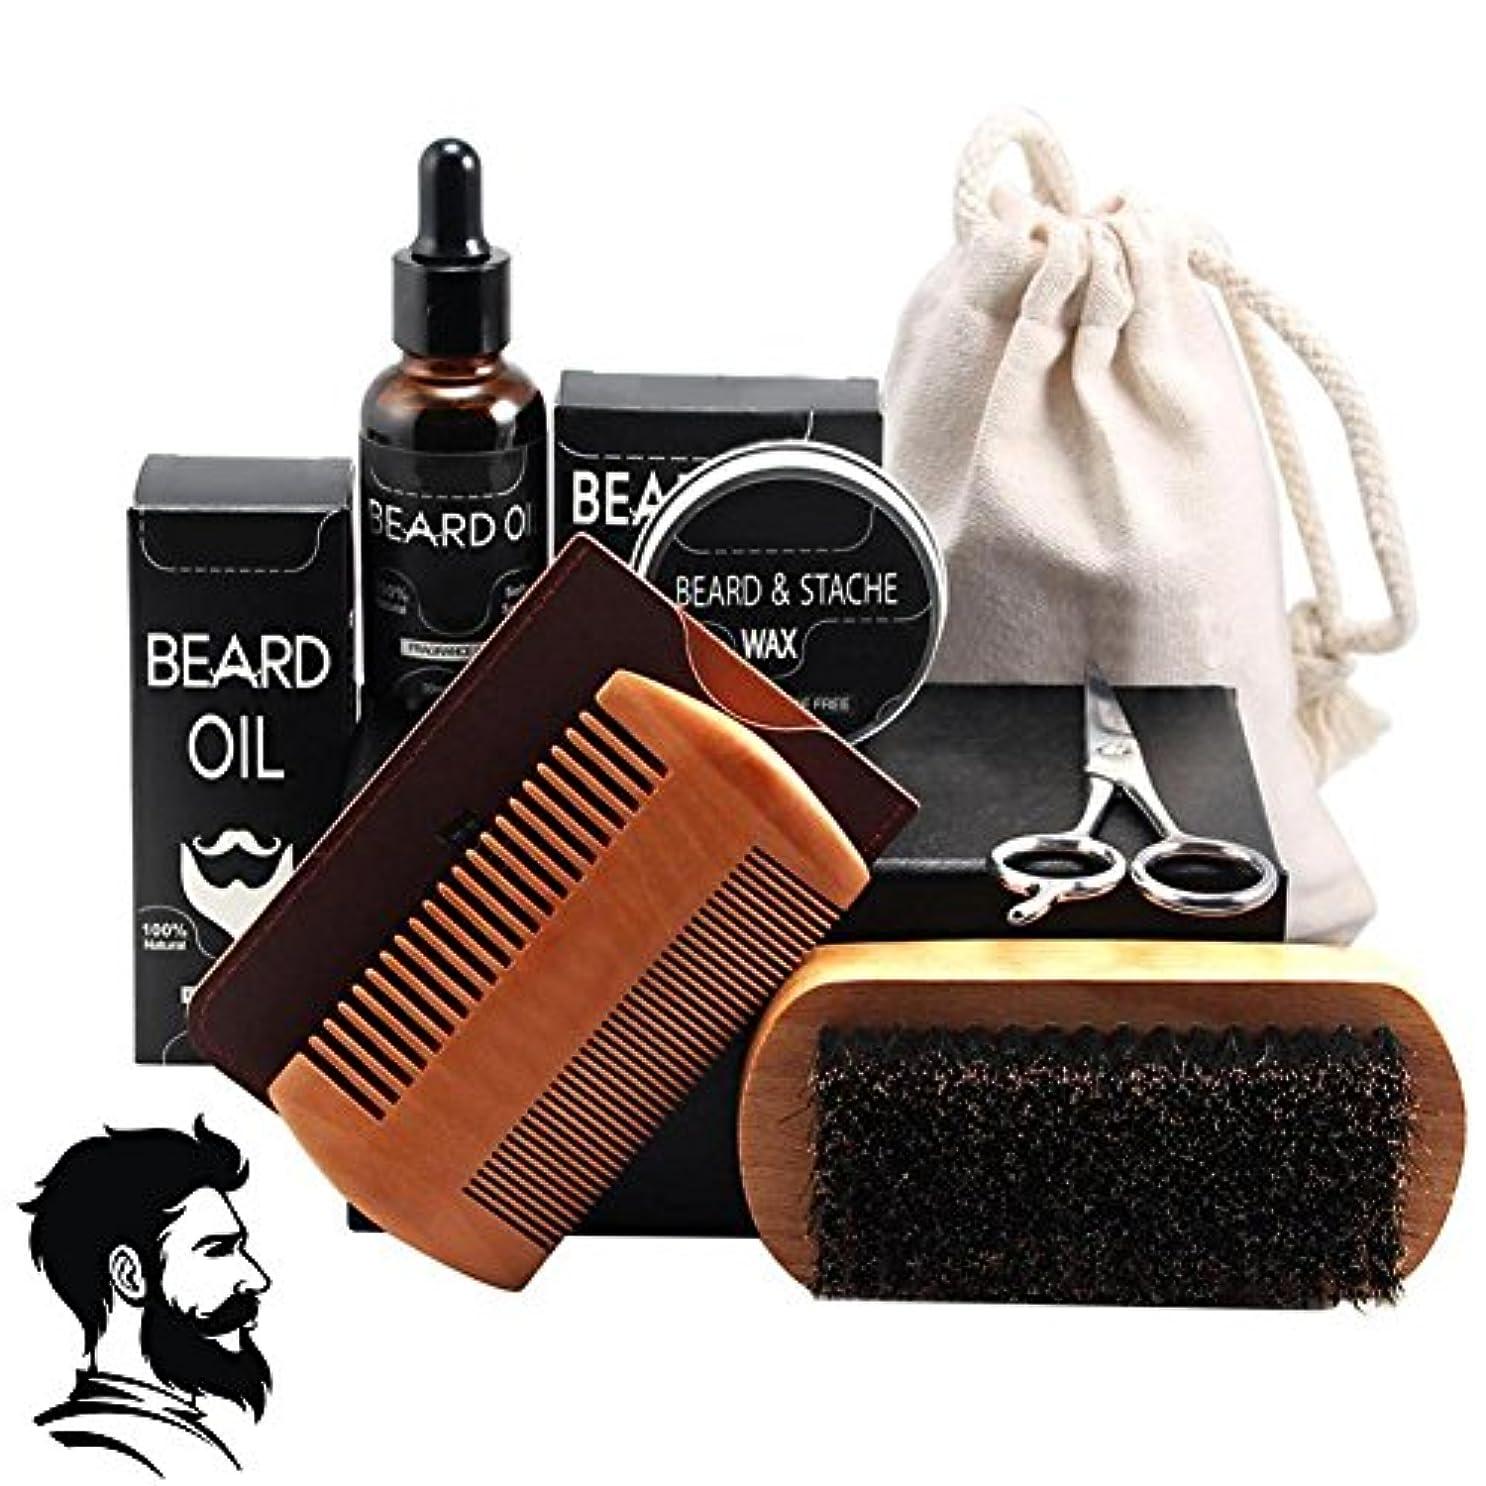 カーフ否認するマニアあごひげ油、男性の口ひげフルセットヘアケアツール(ひげワックスくし付き)(7PCSのパック)用シェービングブラシプロフェッショナルフェイシャルトリミングハサミ